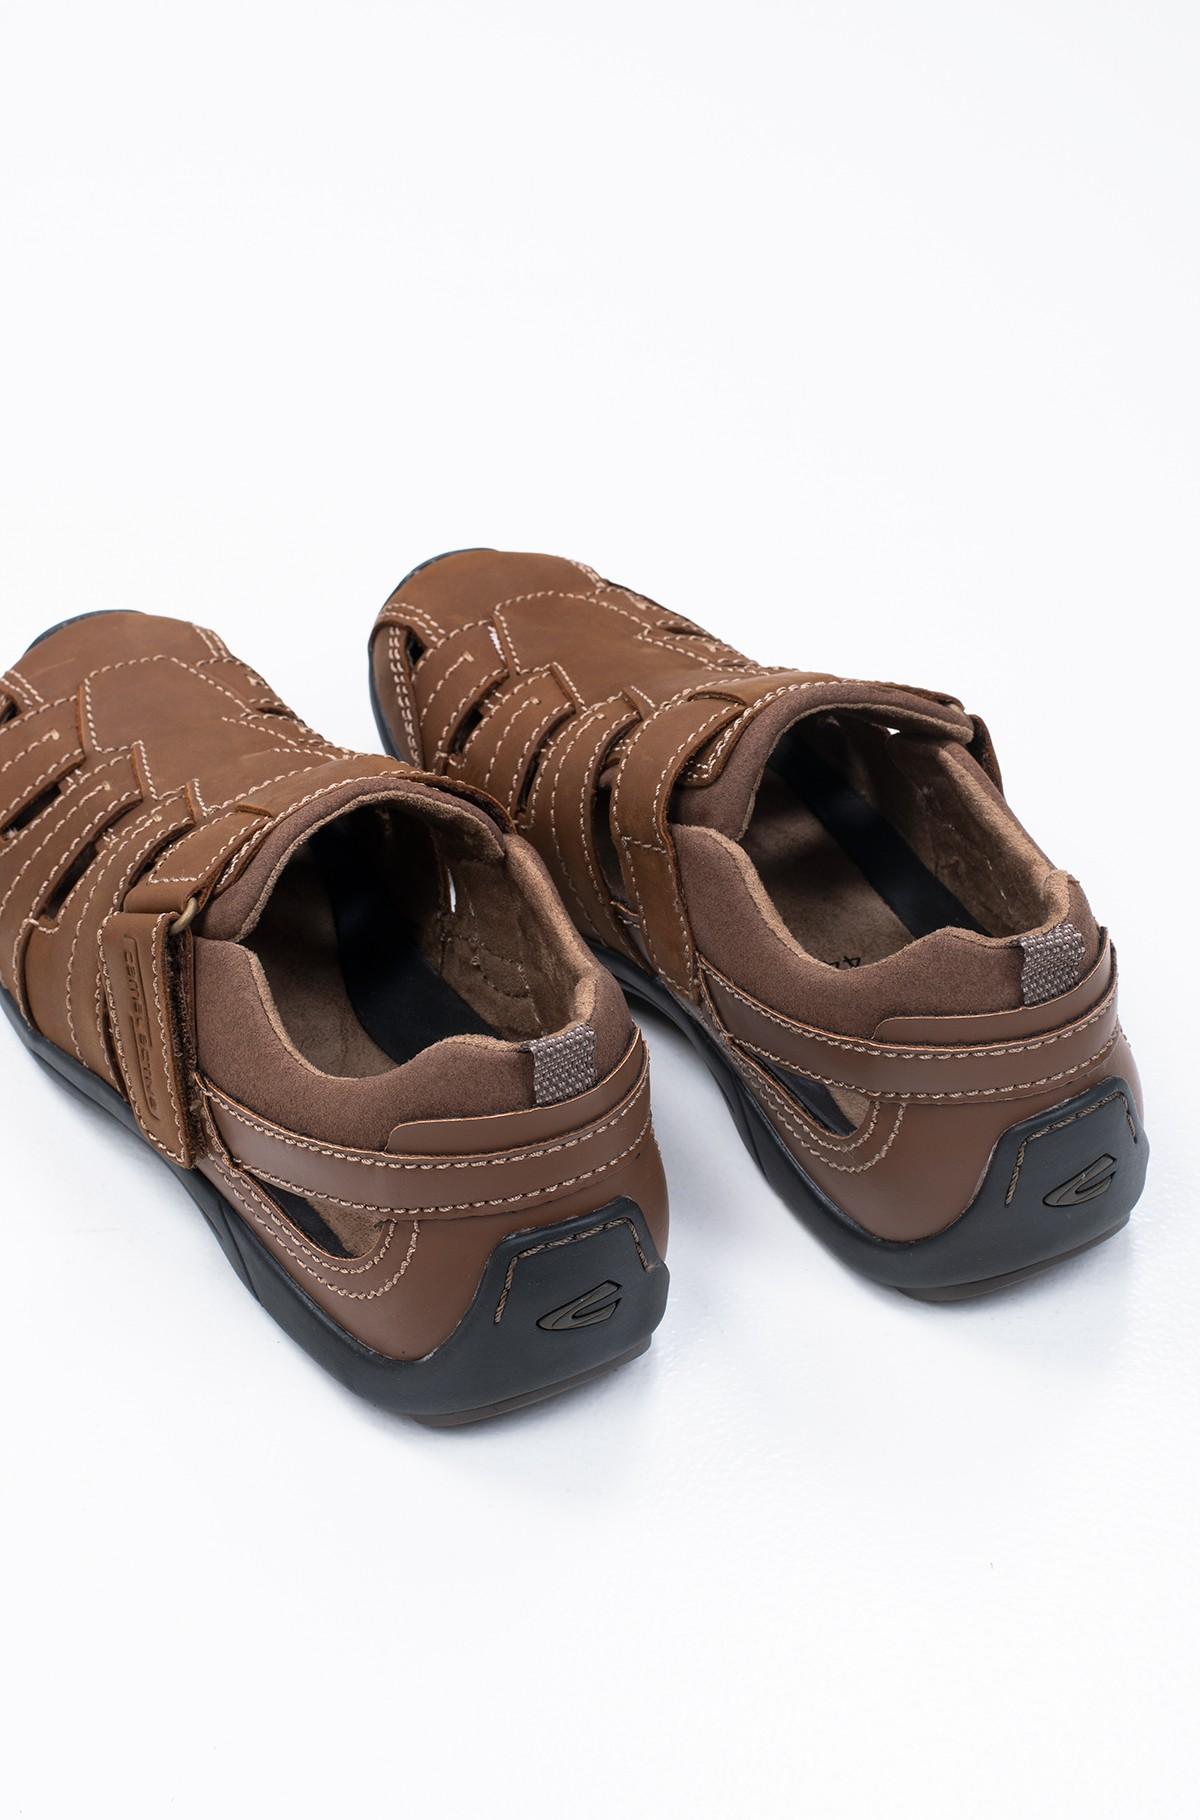 Kinnised sandaalid 292.12.10-full-4